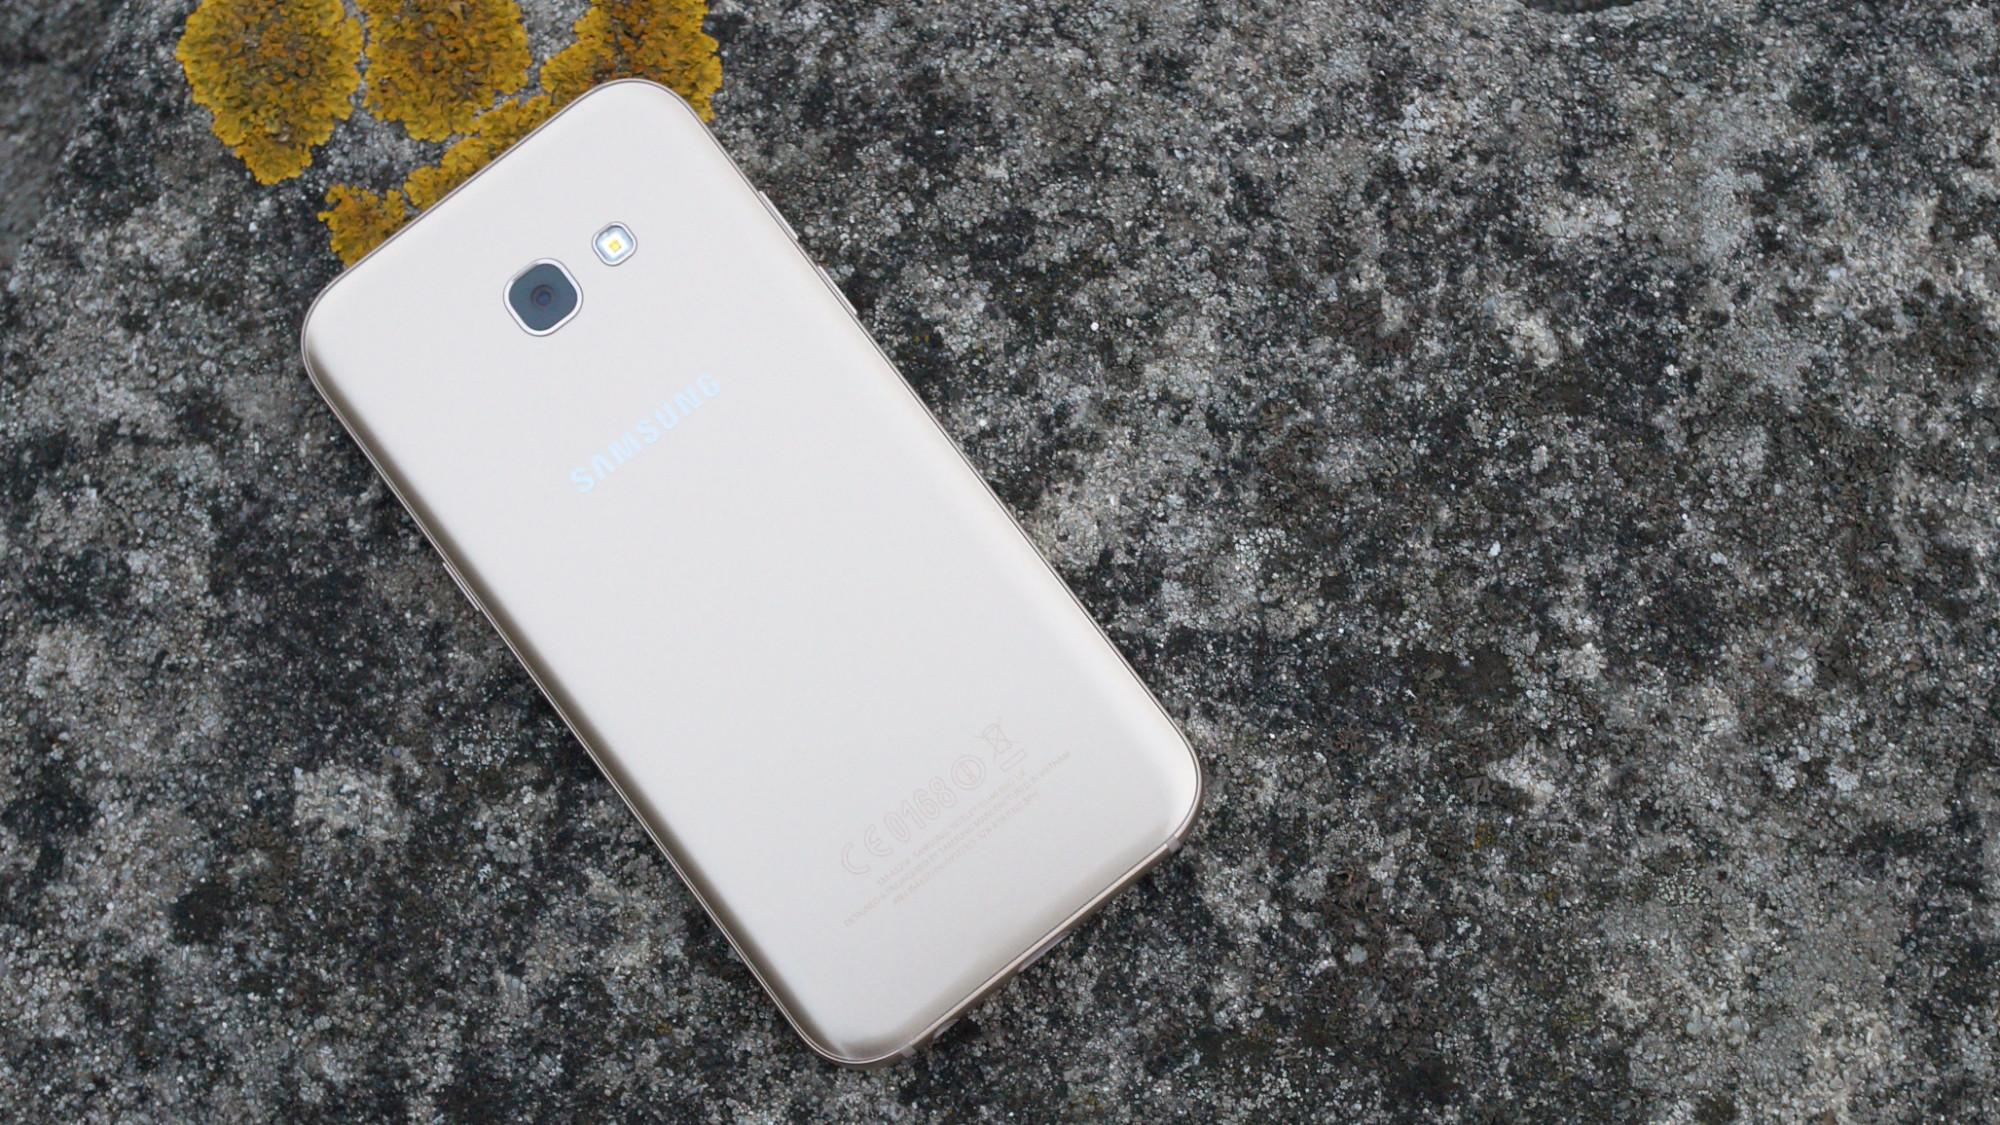 Samsung Galaxy A5 (2016) var en telefon med riktigt bra batteritid. 2017  års modell lyckas med samma sak. Den nya modellen har ett 3 000  mAh-batteri d2f25801d10cc